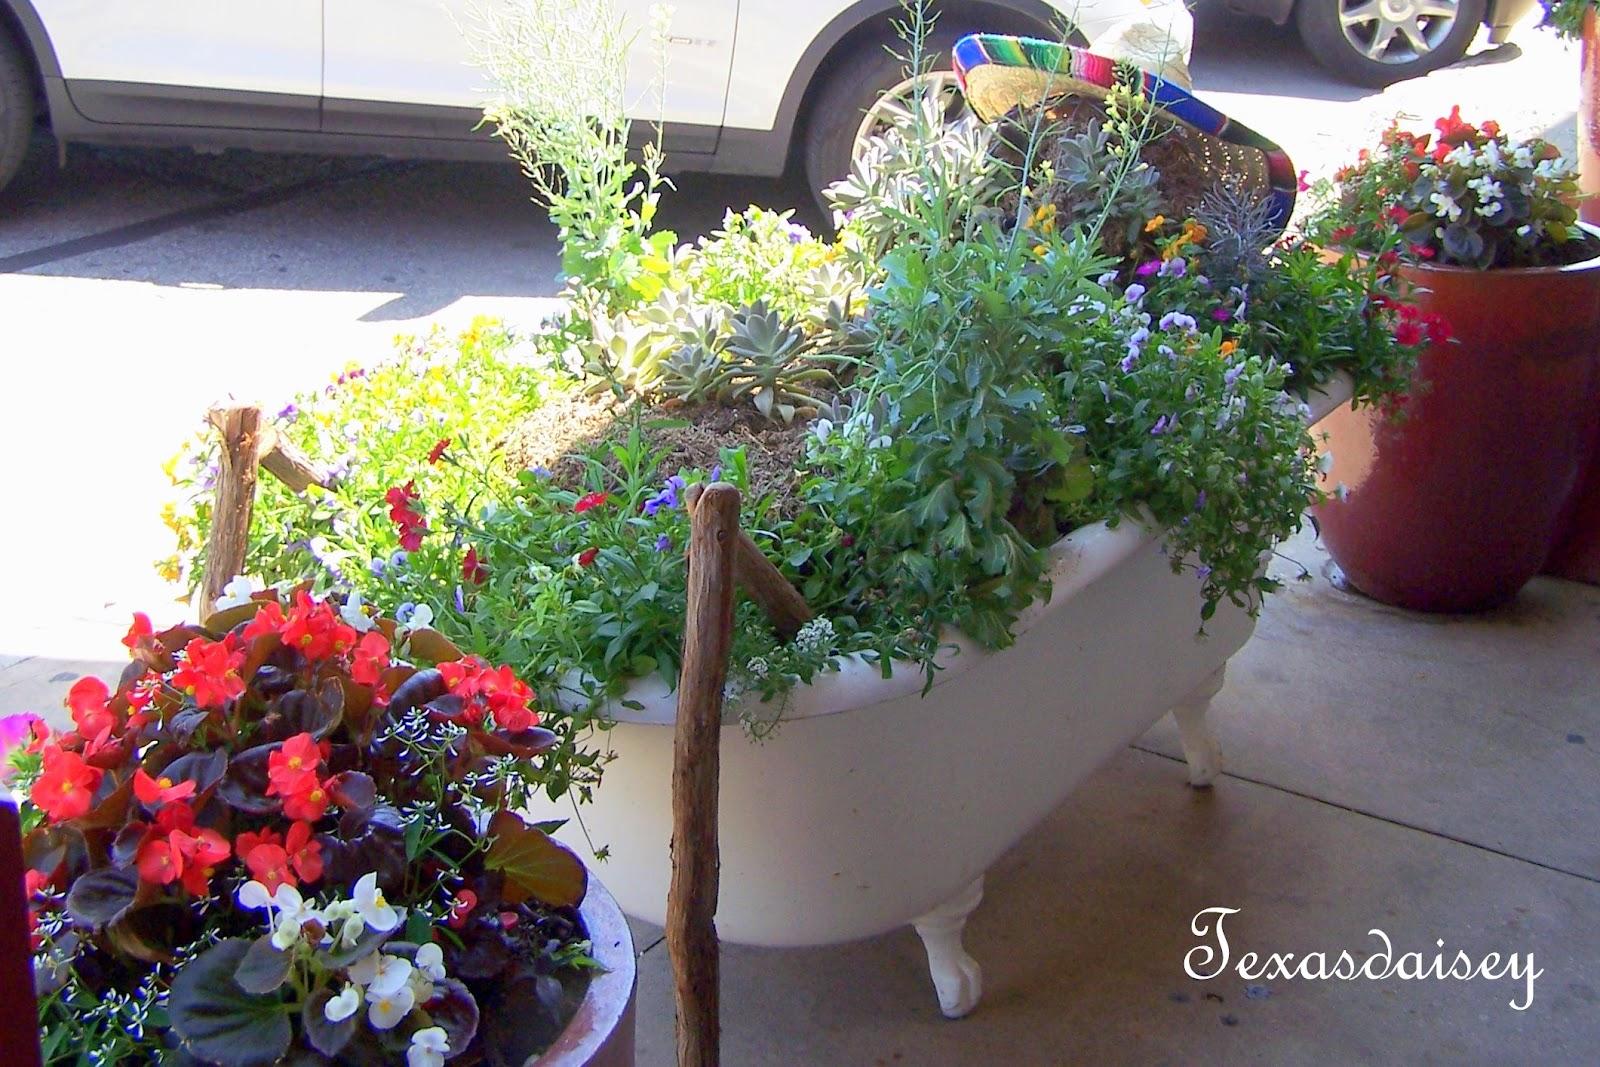 Texasdaisey Creations: Container Garden Ideas